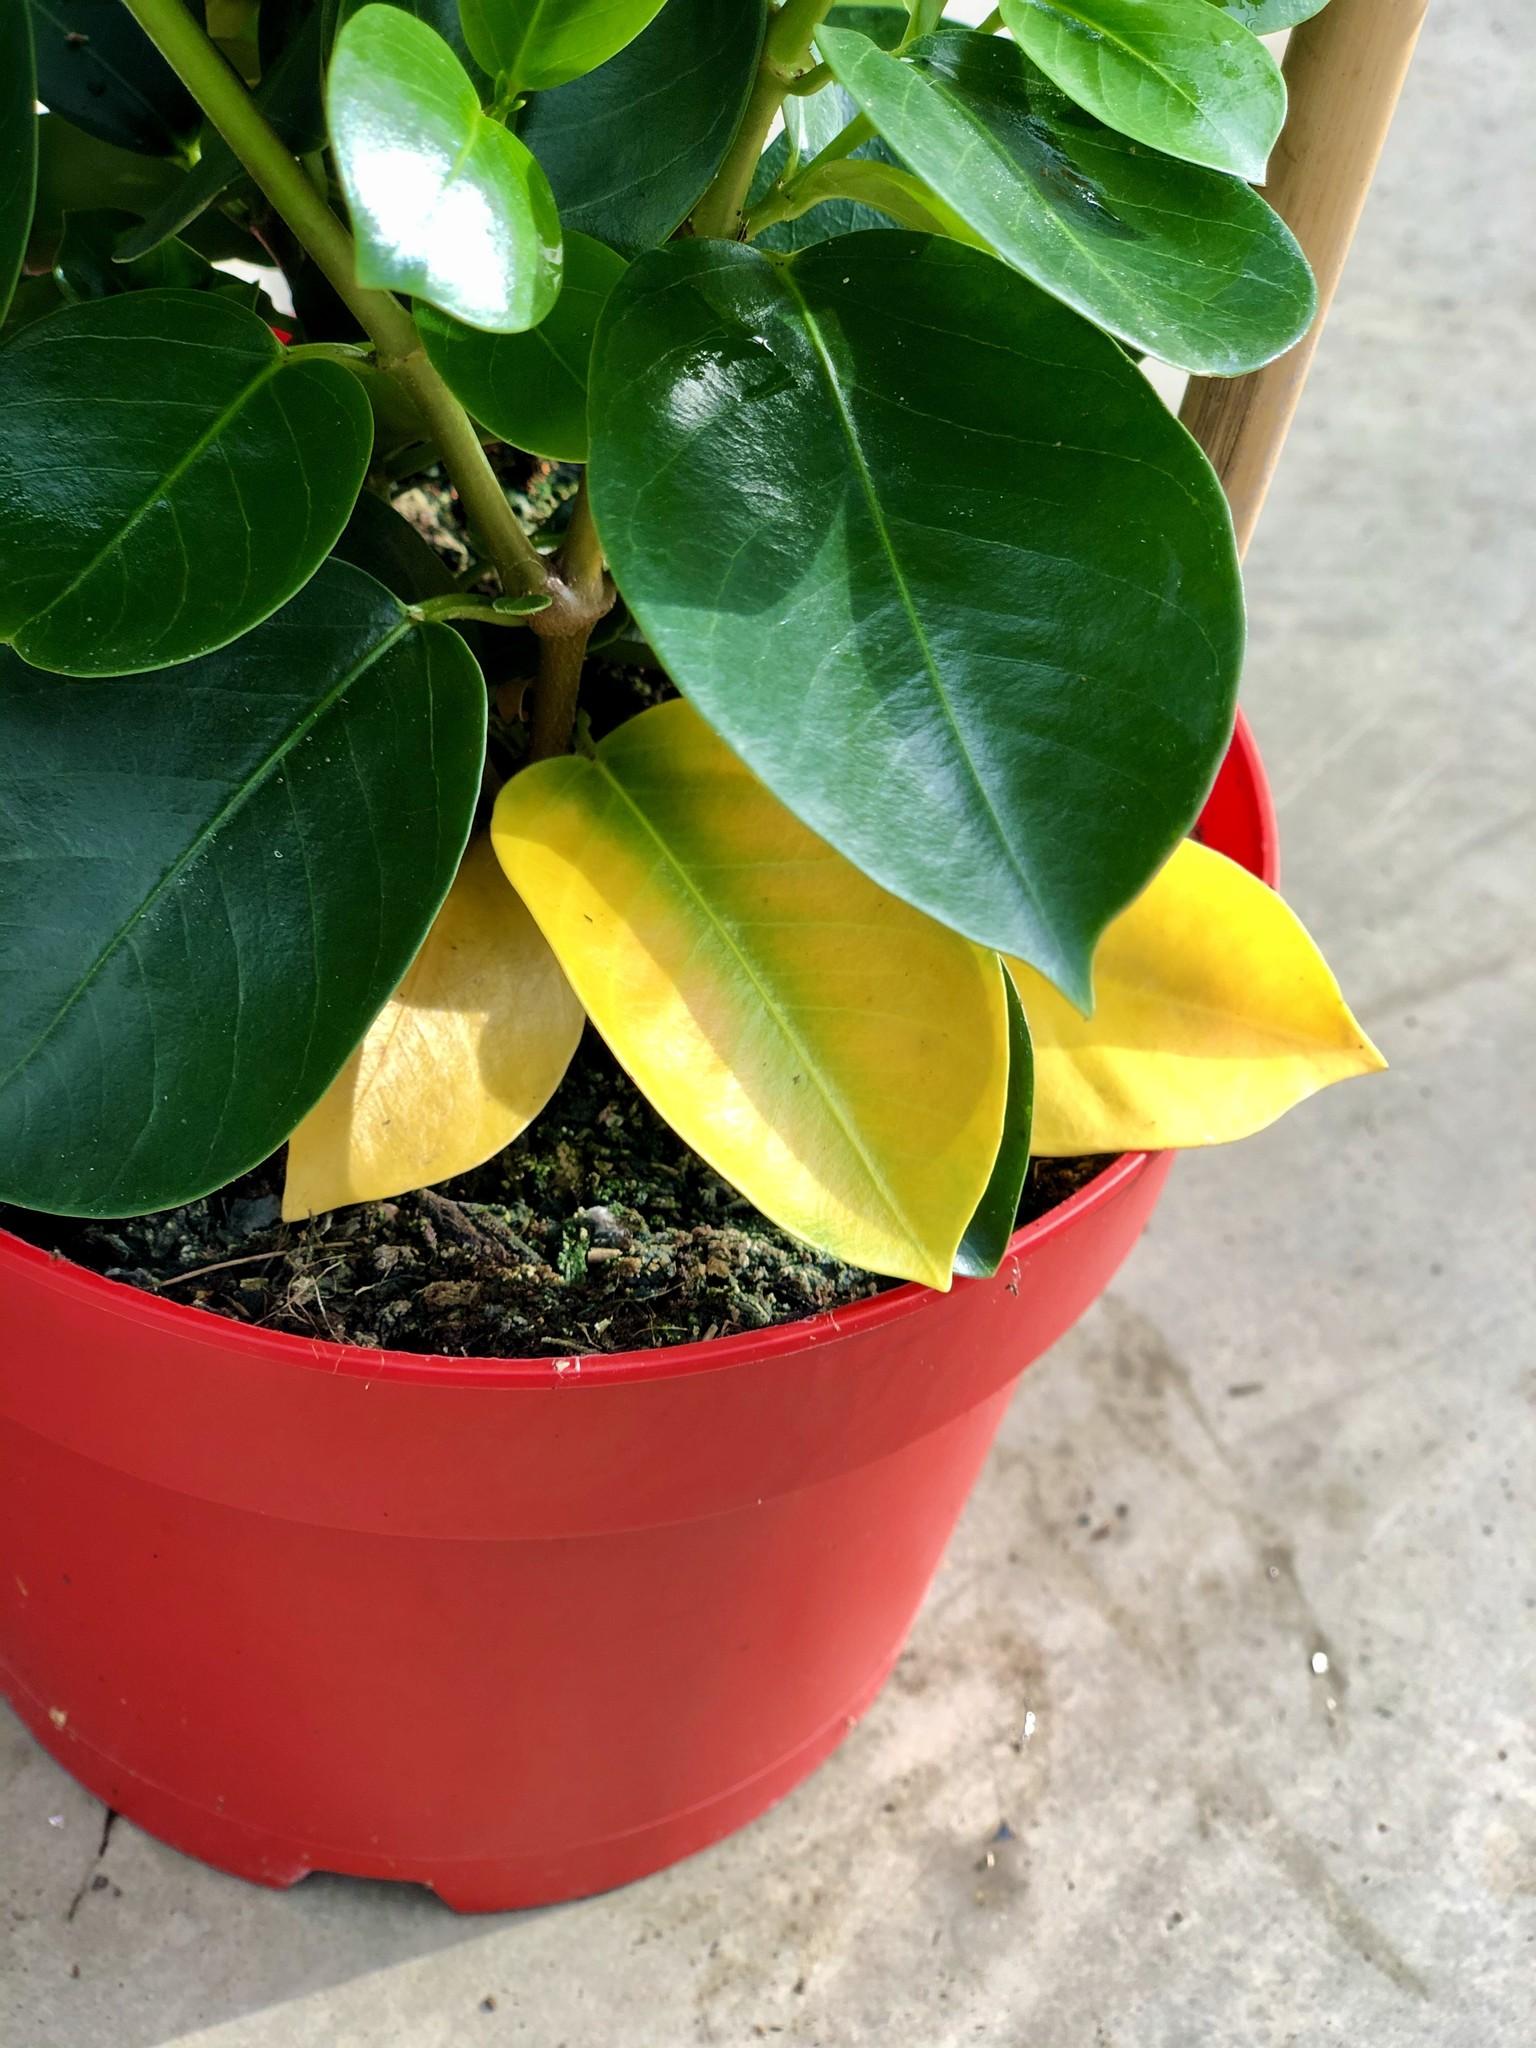 Feuilles jaunes en raison d'une utilisation excessive d'eau